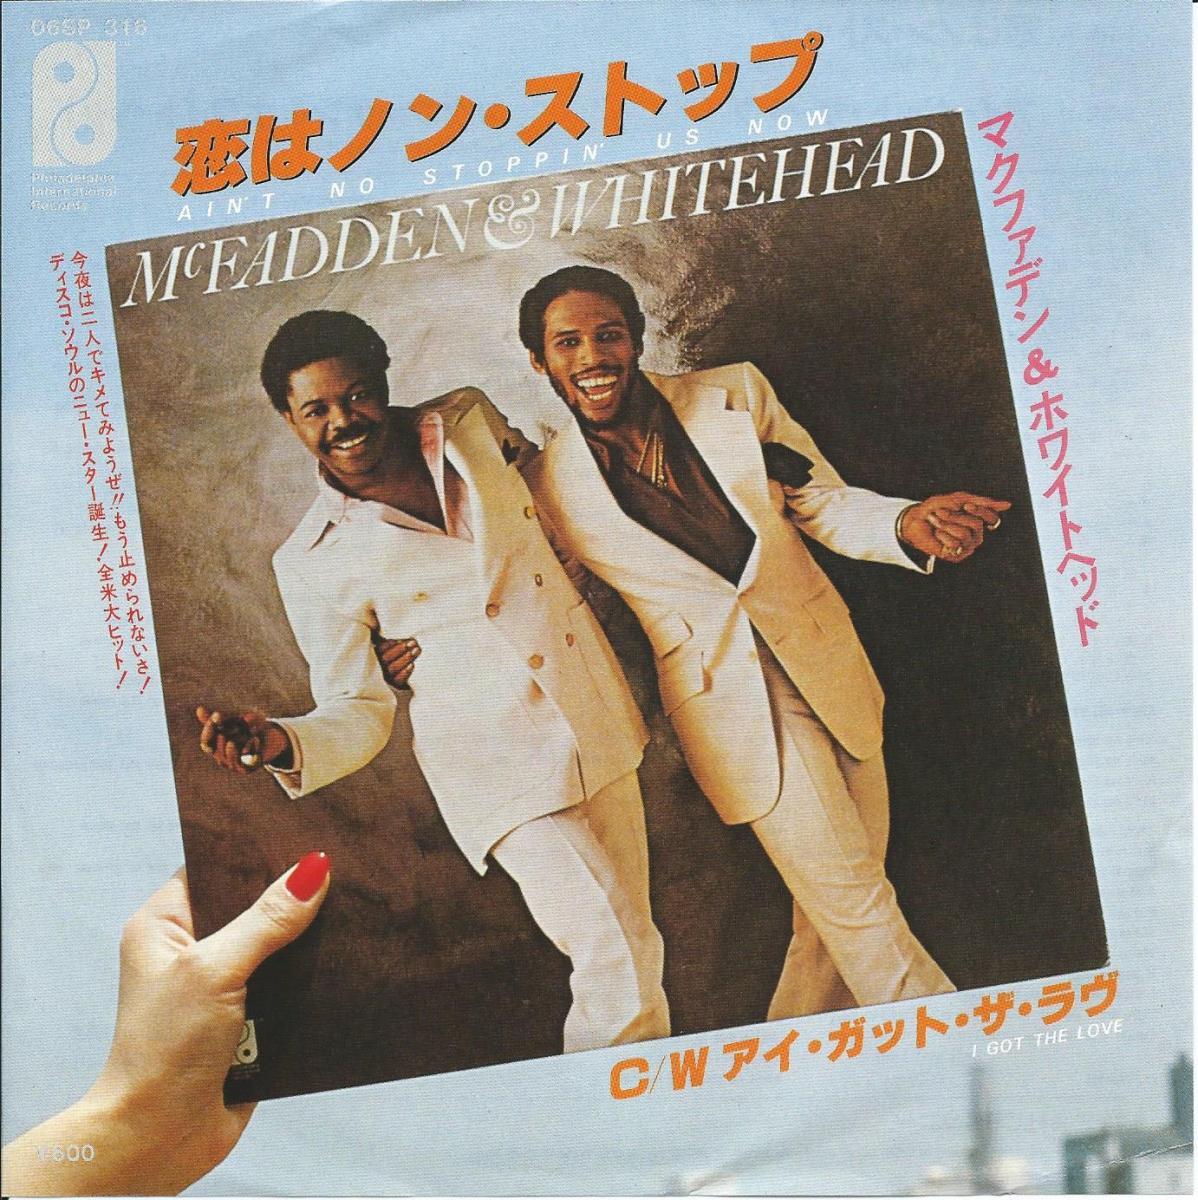 マクファデン & ホワイトヘッド McFADDEN & WHITEHEAD / 恋はノン・ストップ AIN'T NO STOPPIN' US NOW (7